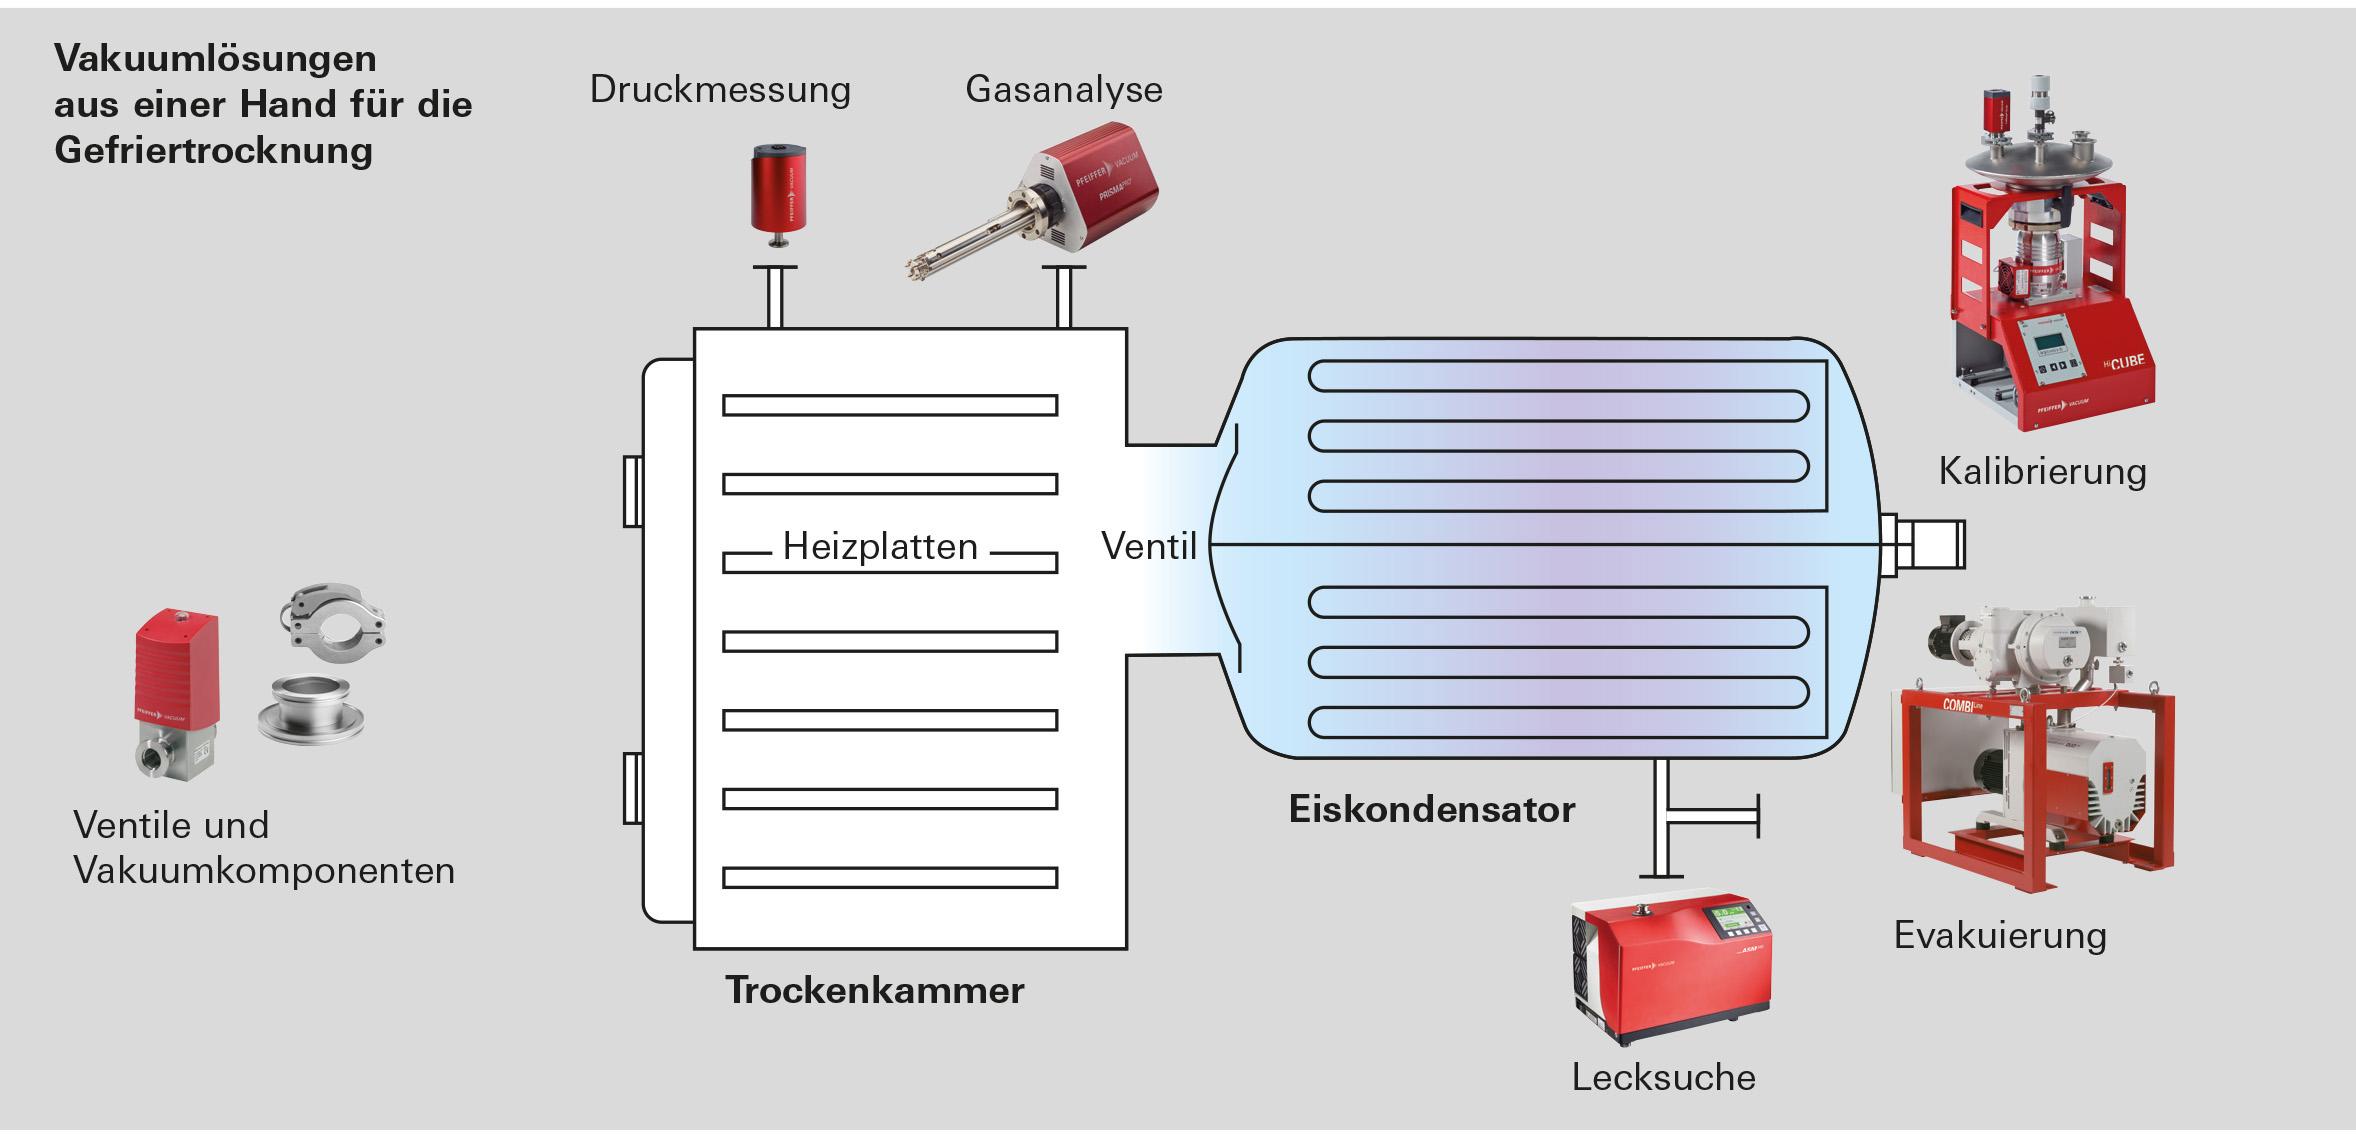 Darstellung Vakuumlösung aus einer Hand für die Gefriertrocknung